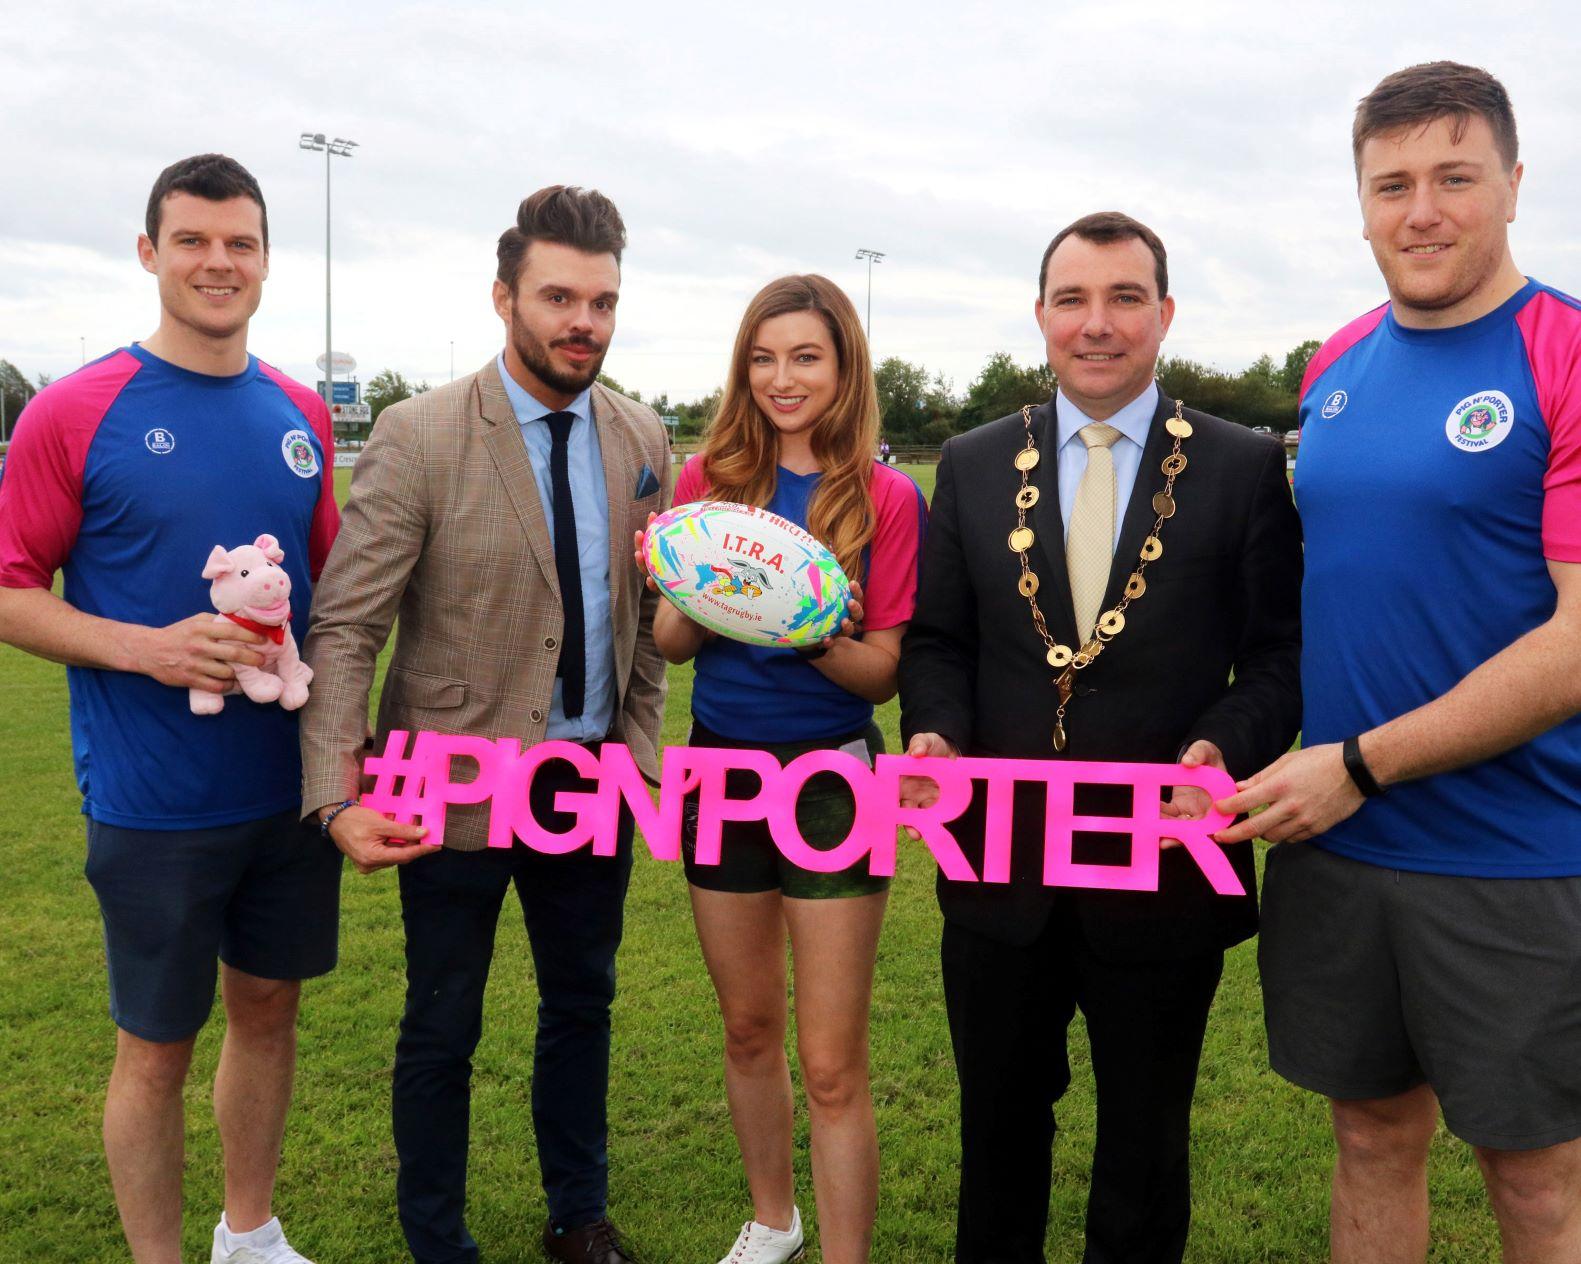 Pig n Porter 2019